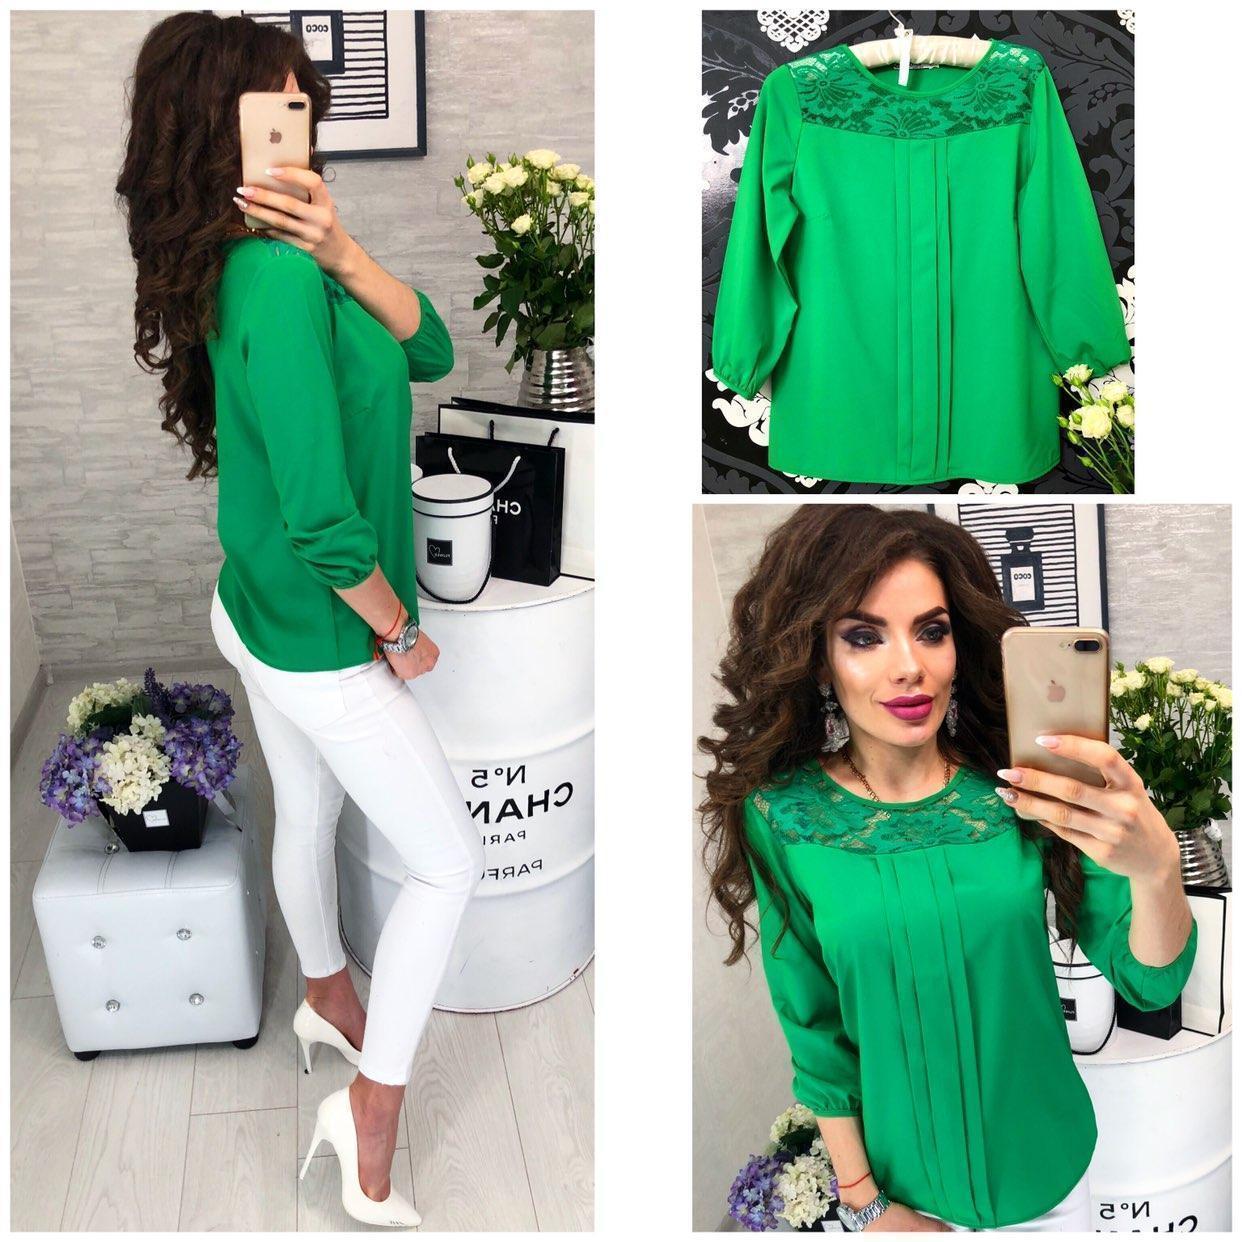 Блузка женская, модель 793, цвет изумруд